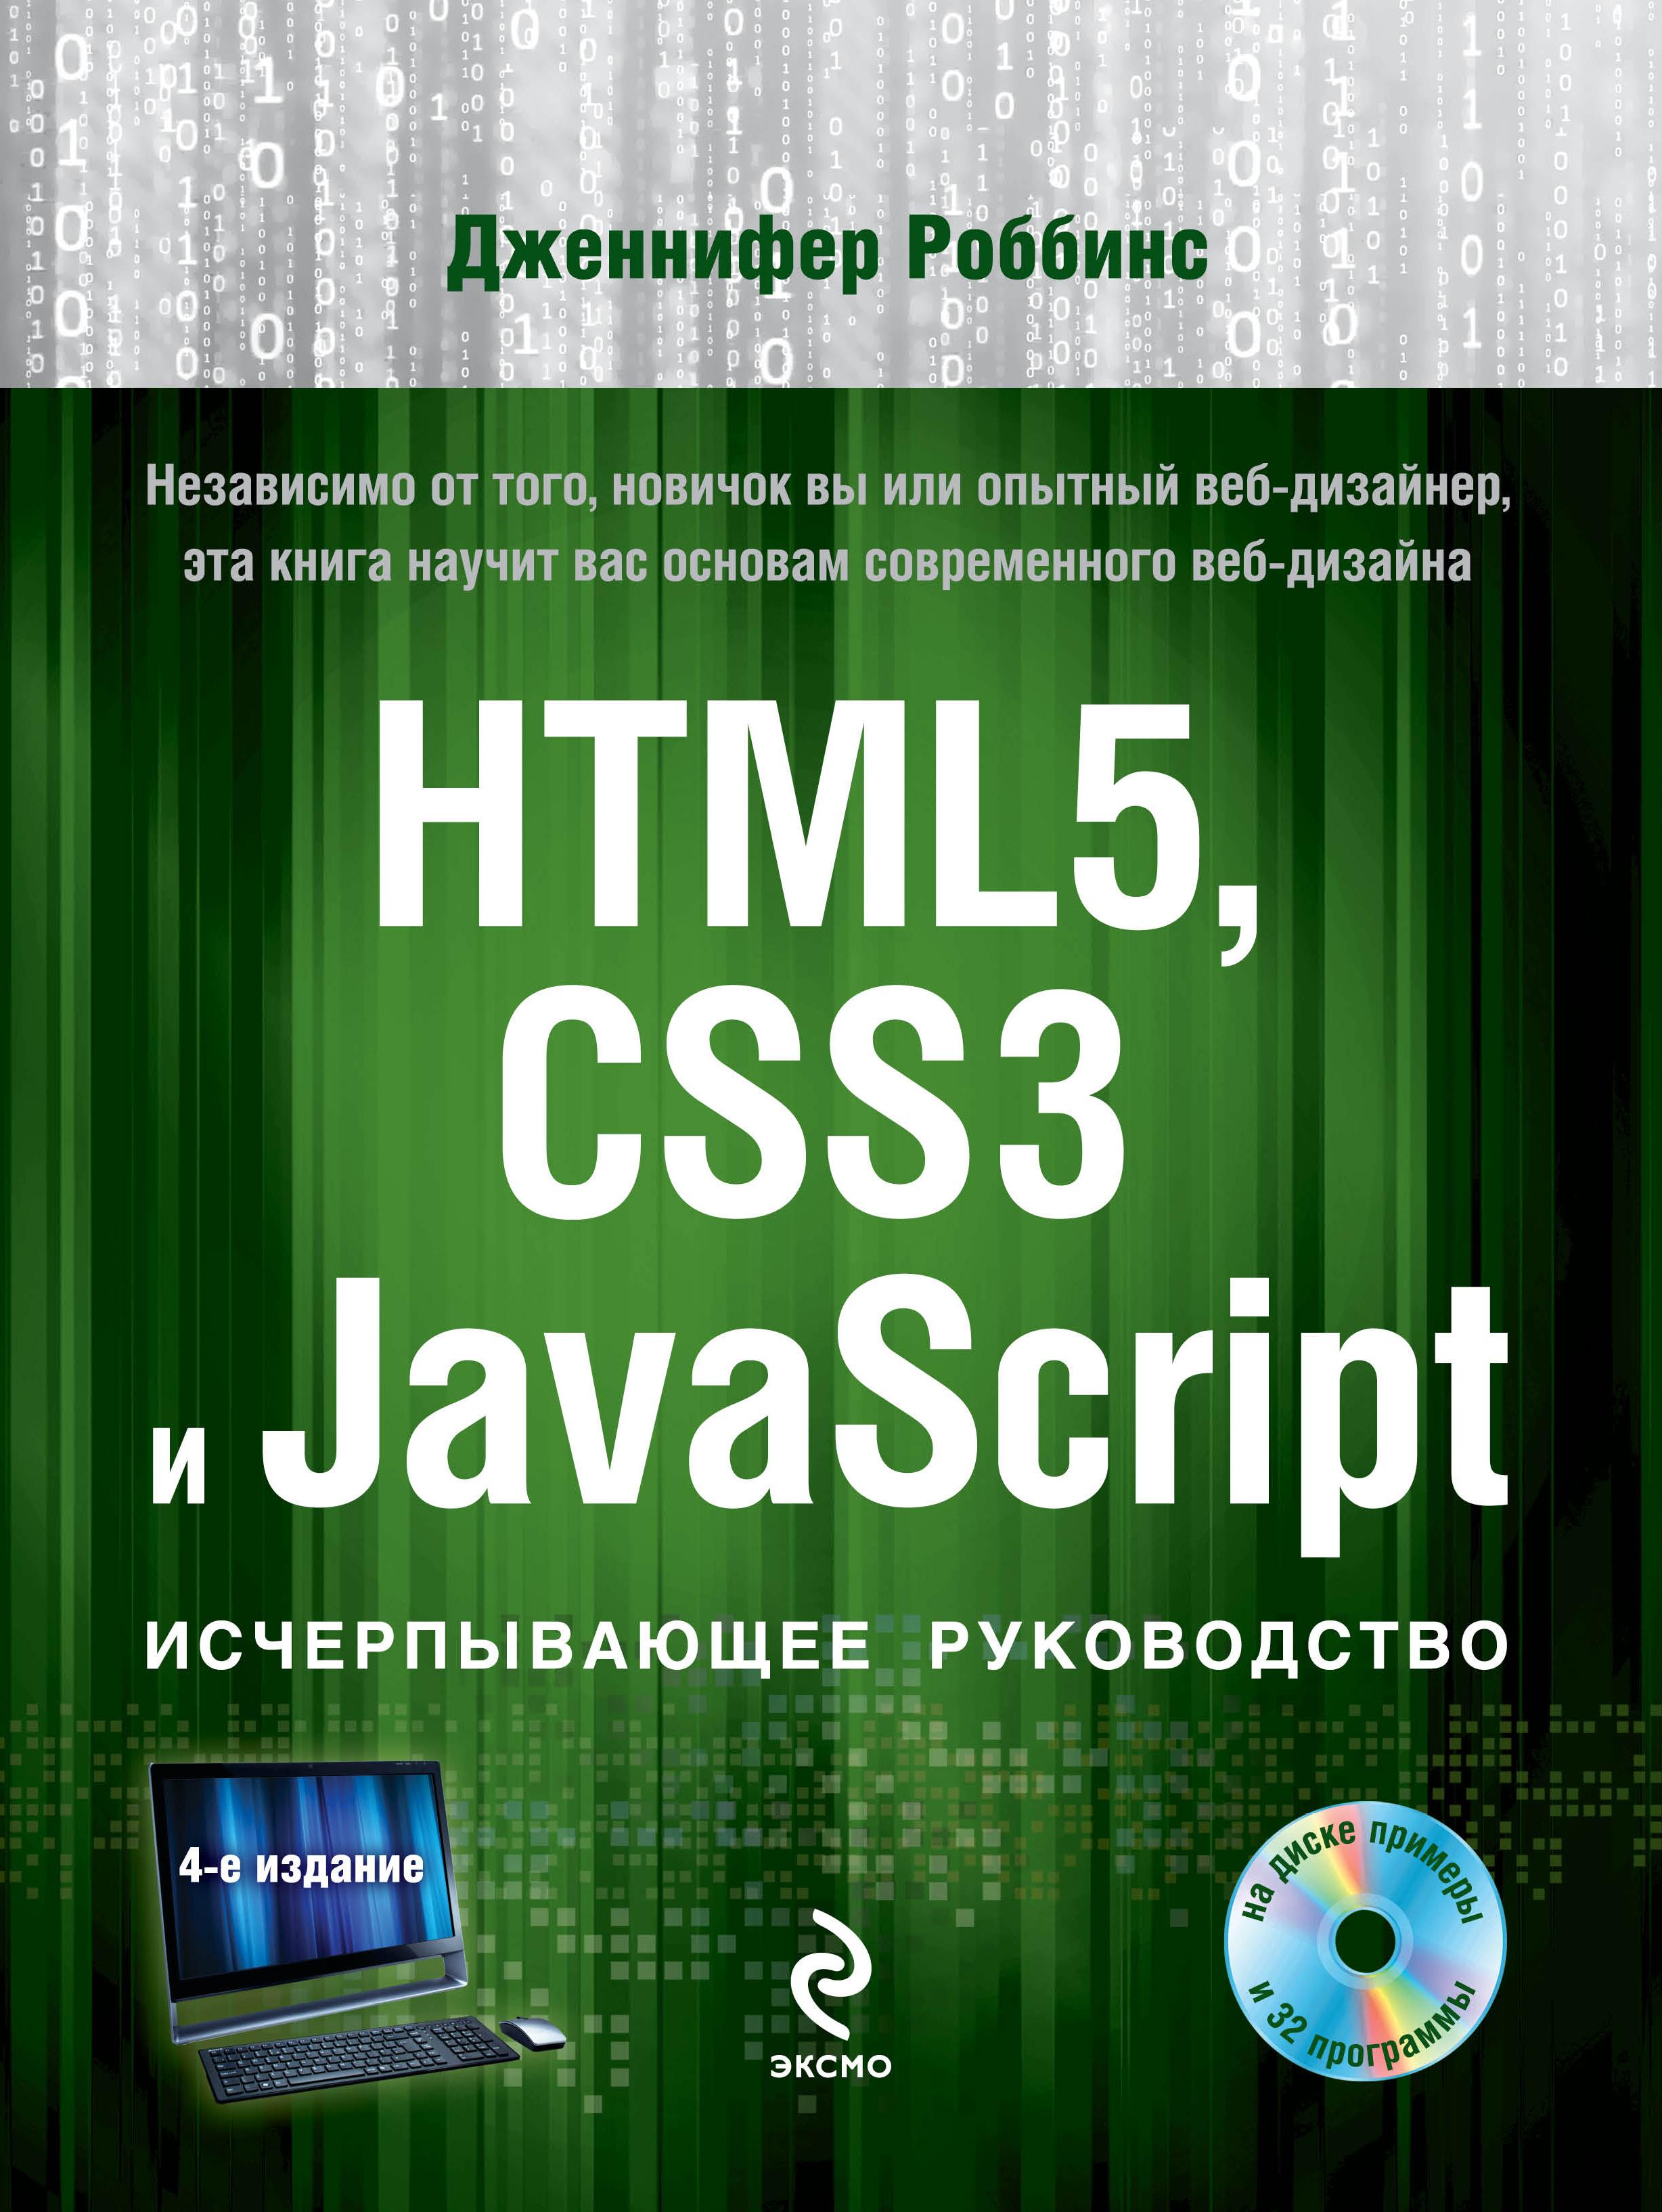 Роббинс Д. HTML5, CSS3 и JavaScript. Исчерпывающее руководство (+ DVD) html и css разработка и дизайн веб сайтов cd